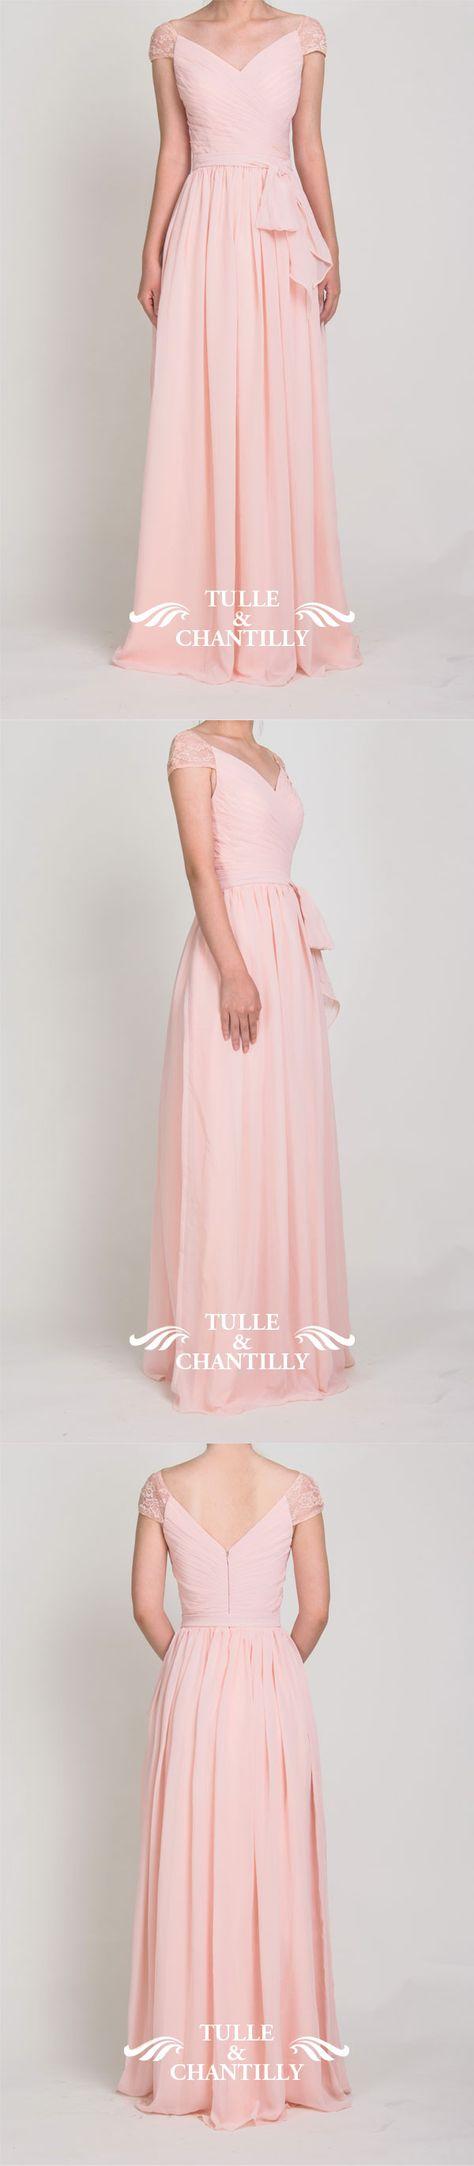 long pink chiffon bridesmaid dress with cap sleeves